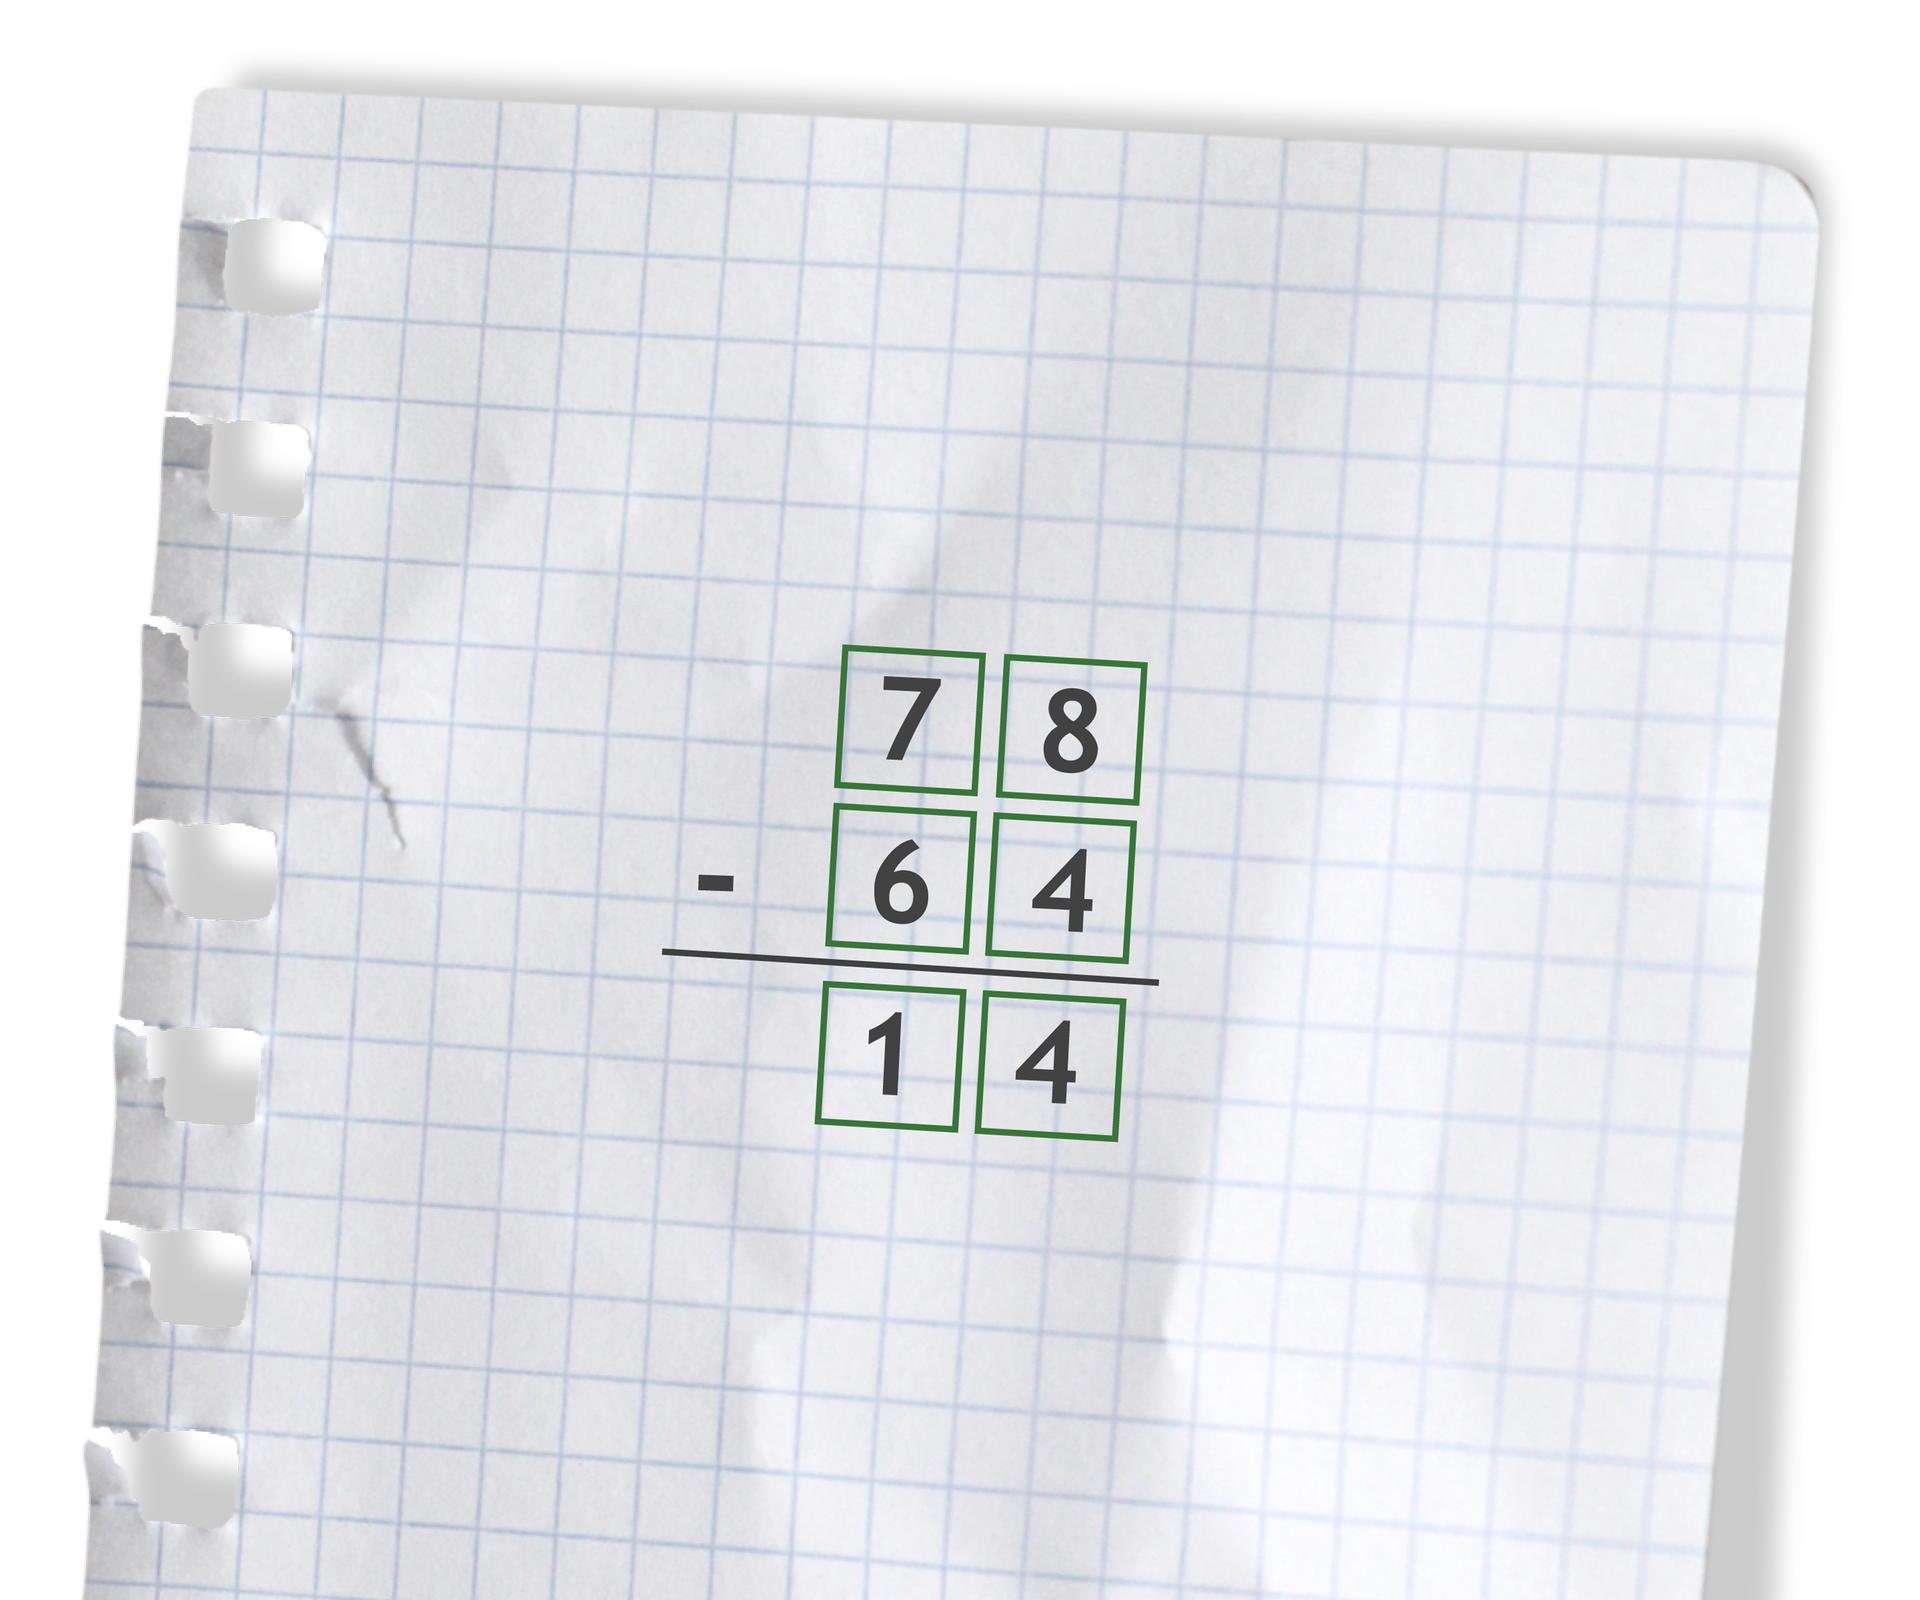 Przykład: 78 - 64 =14. Rozwiązanie zadania podpunkt a.